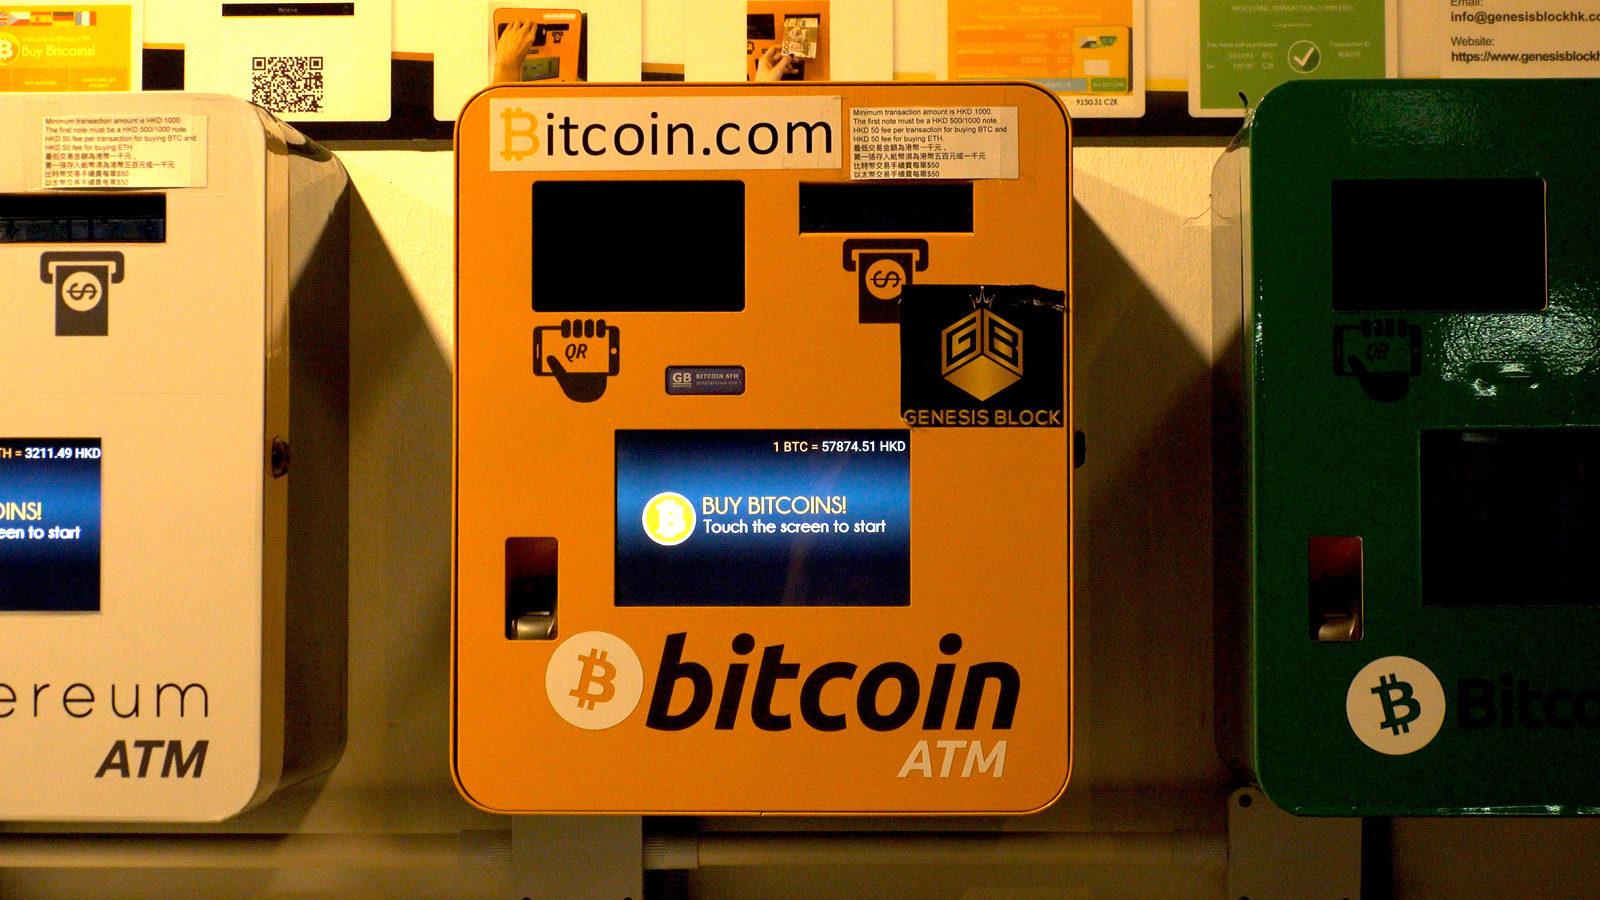 bitcoin atm dél-afrika crypto exchange weboldal